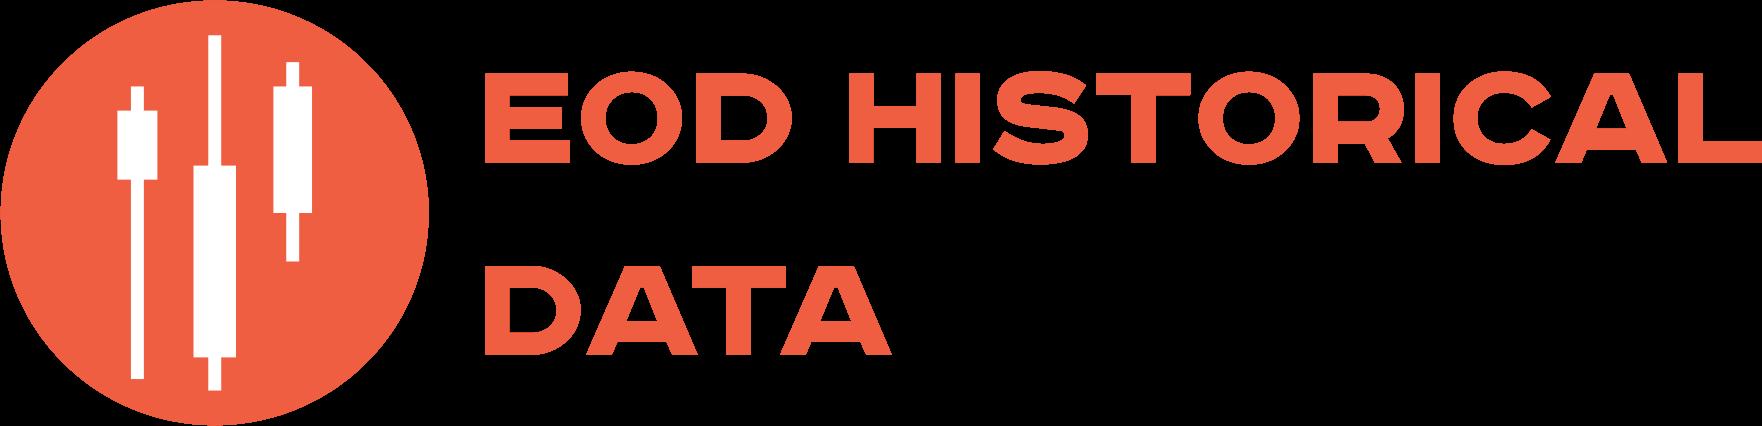 EOD Historical Data